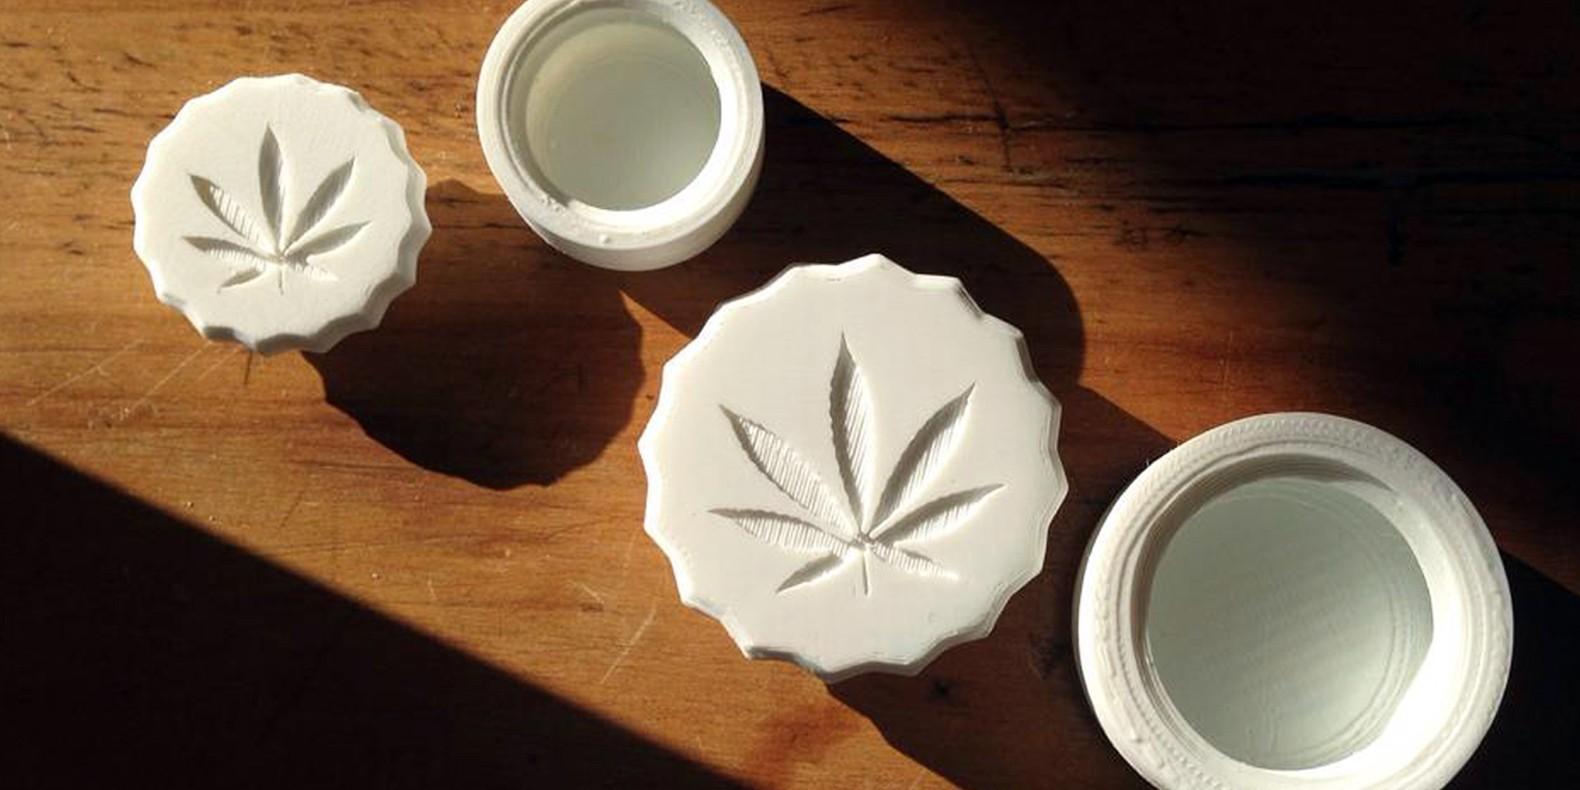 Retrouvez ici une sélection des meilleurs modèles 3D imprimables en 3D pour la consommation de cannabis